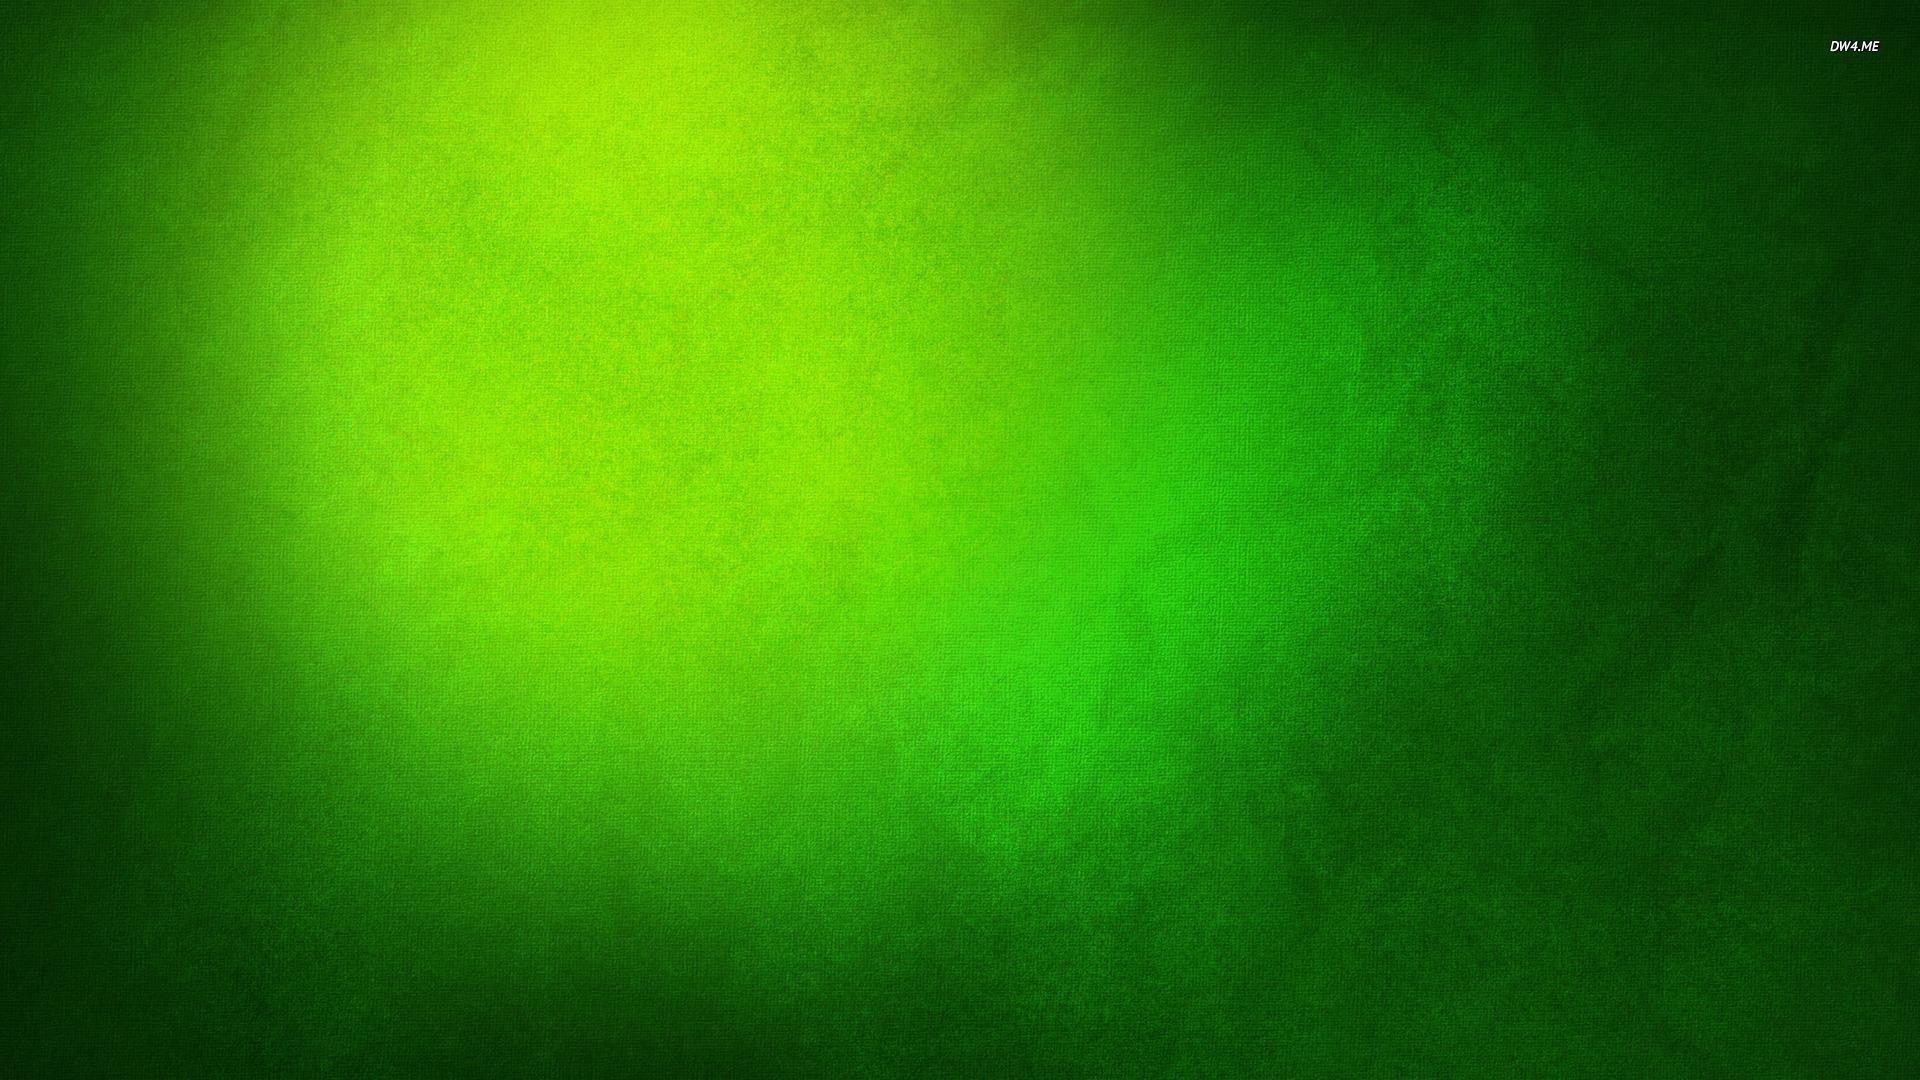 Desktop Wallpaper Green 1920x1080